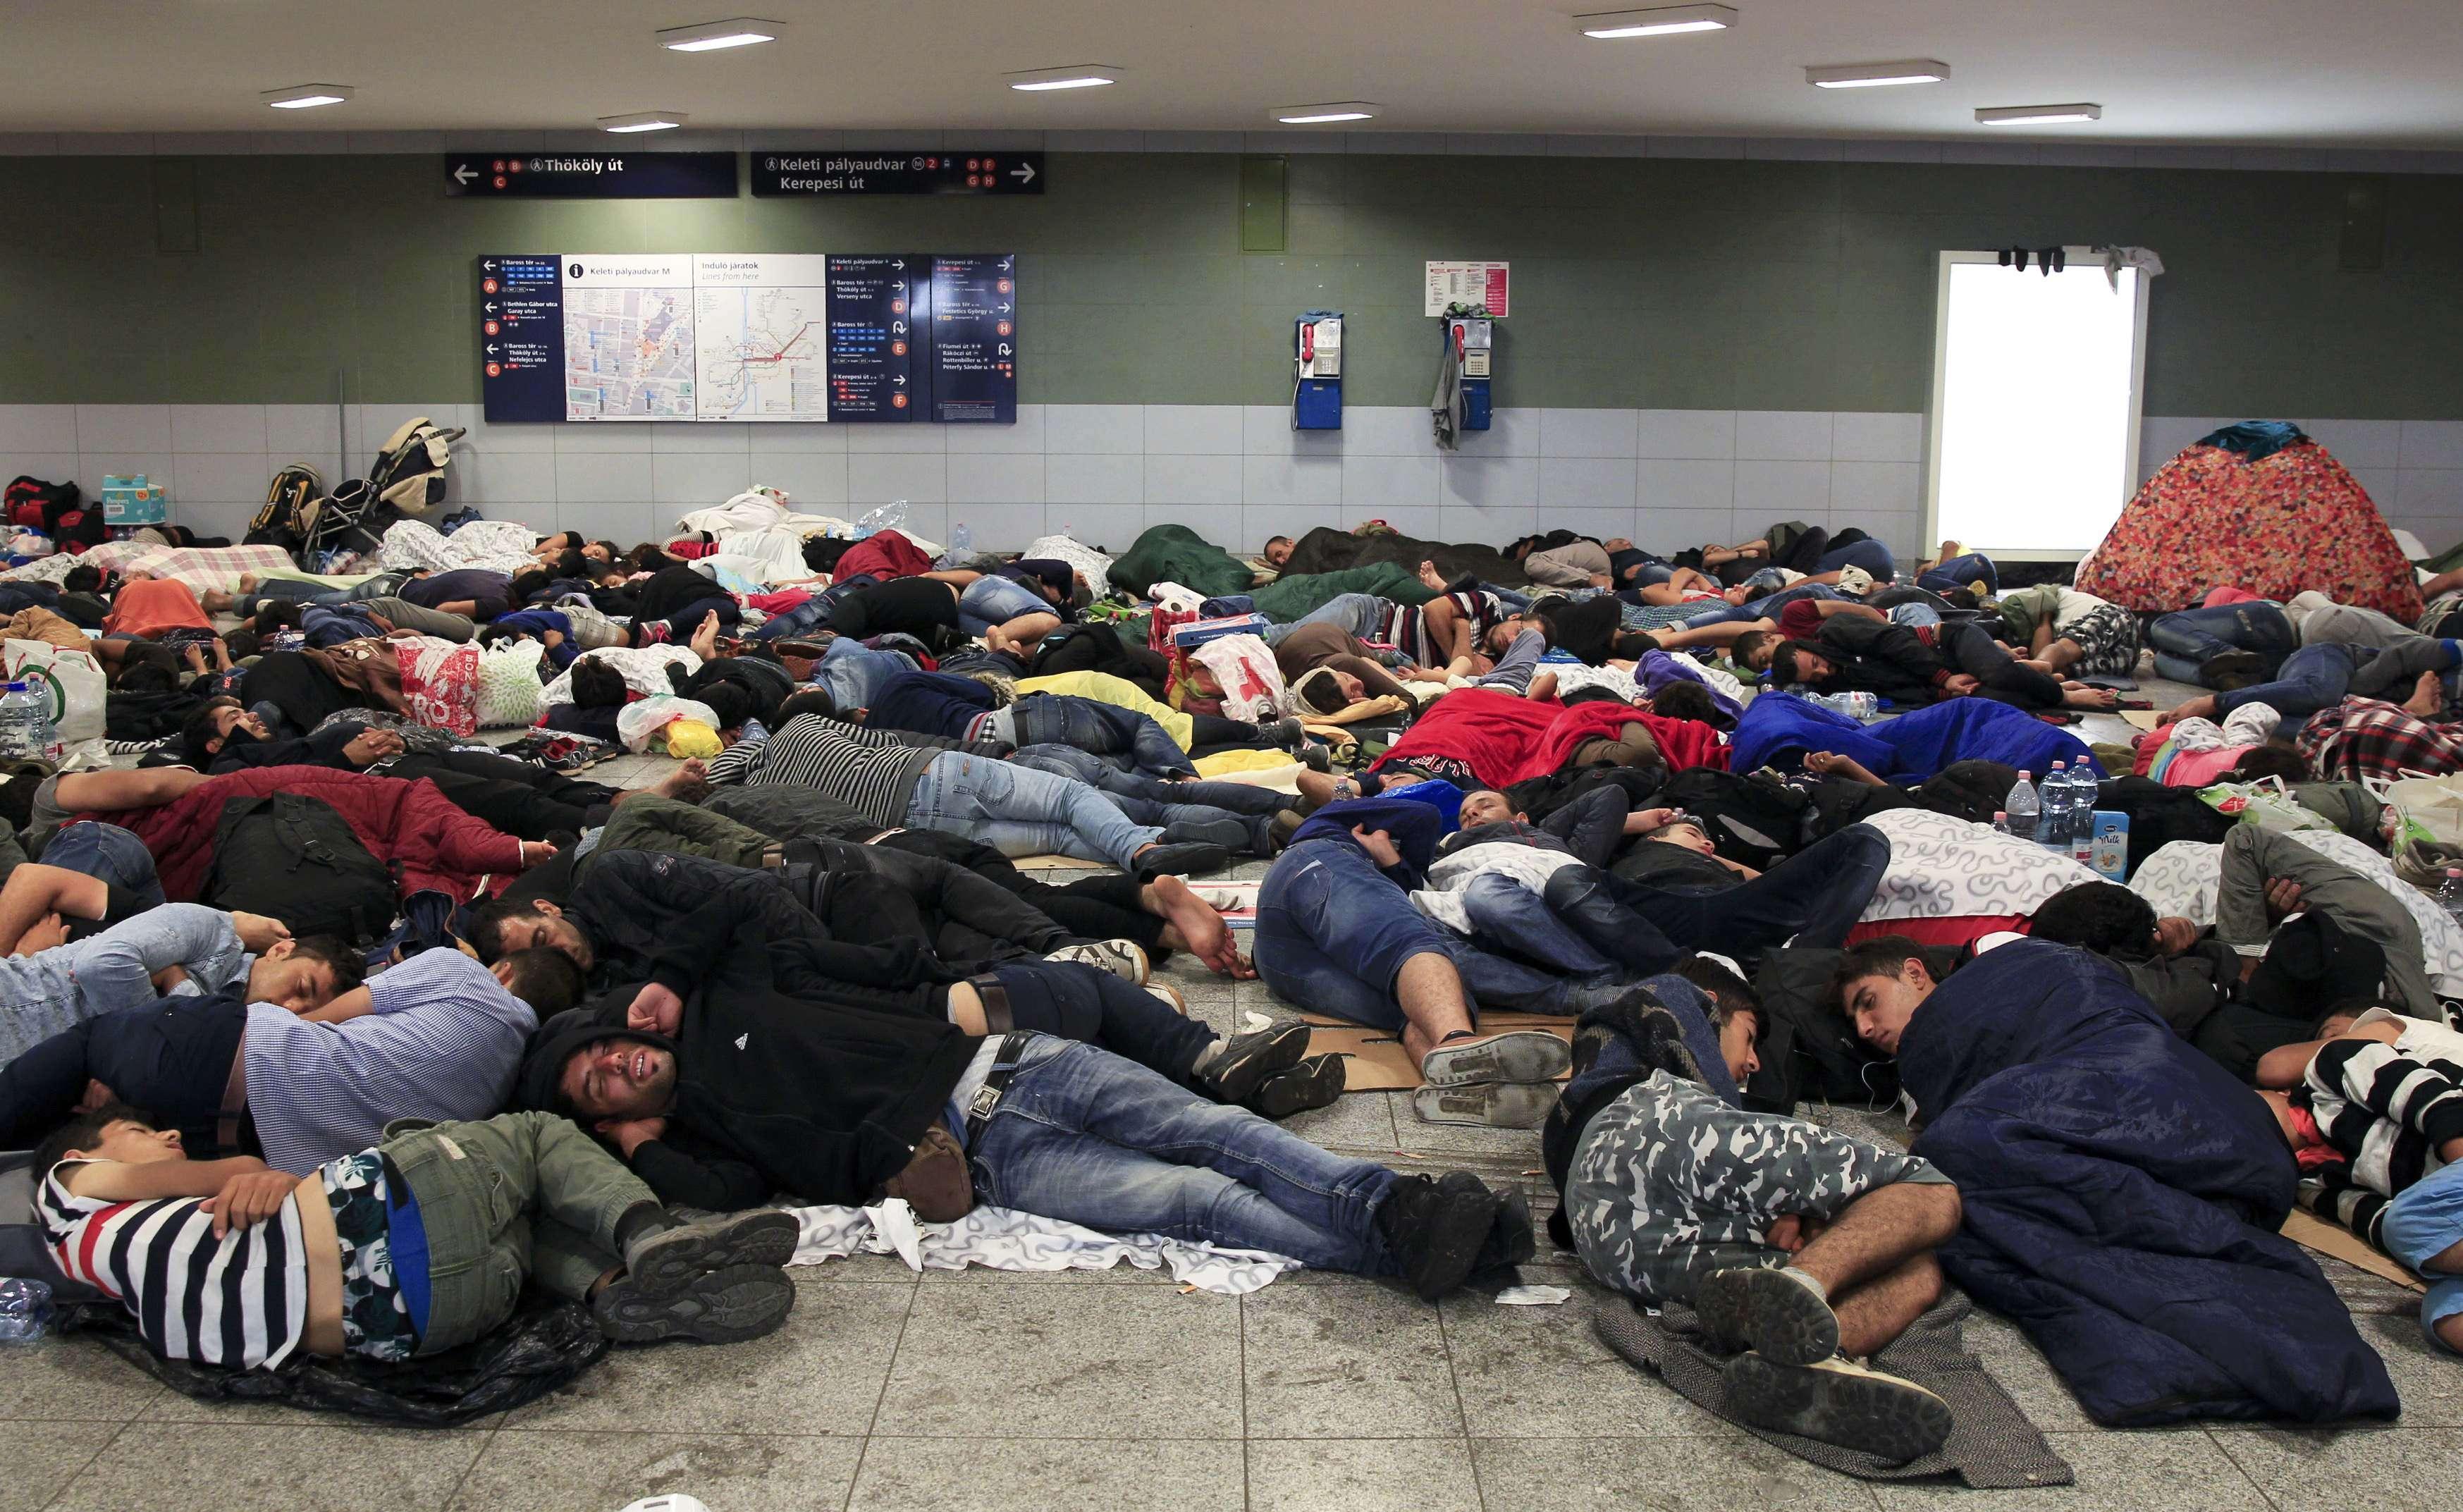 Imigranţi dorm pe jos în gara Keleti din Budapesta (Foto: Reuters/Bernadett Szabo)